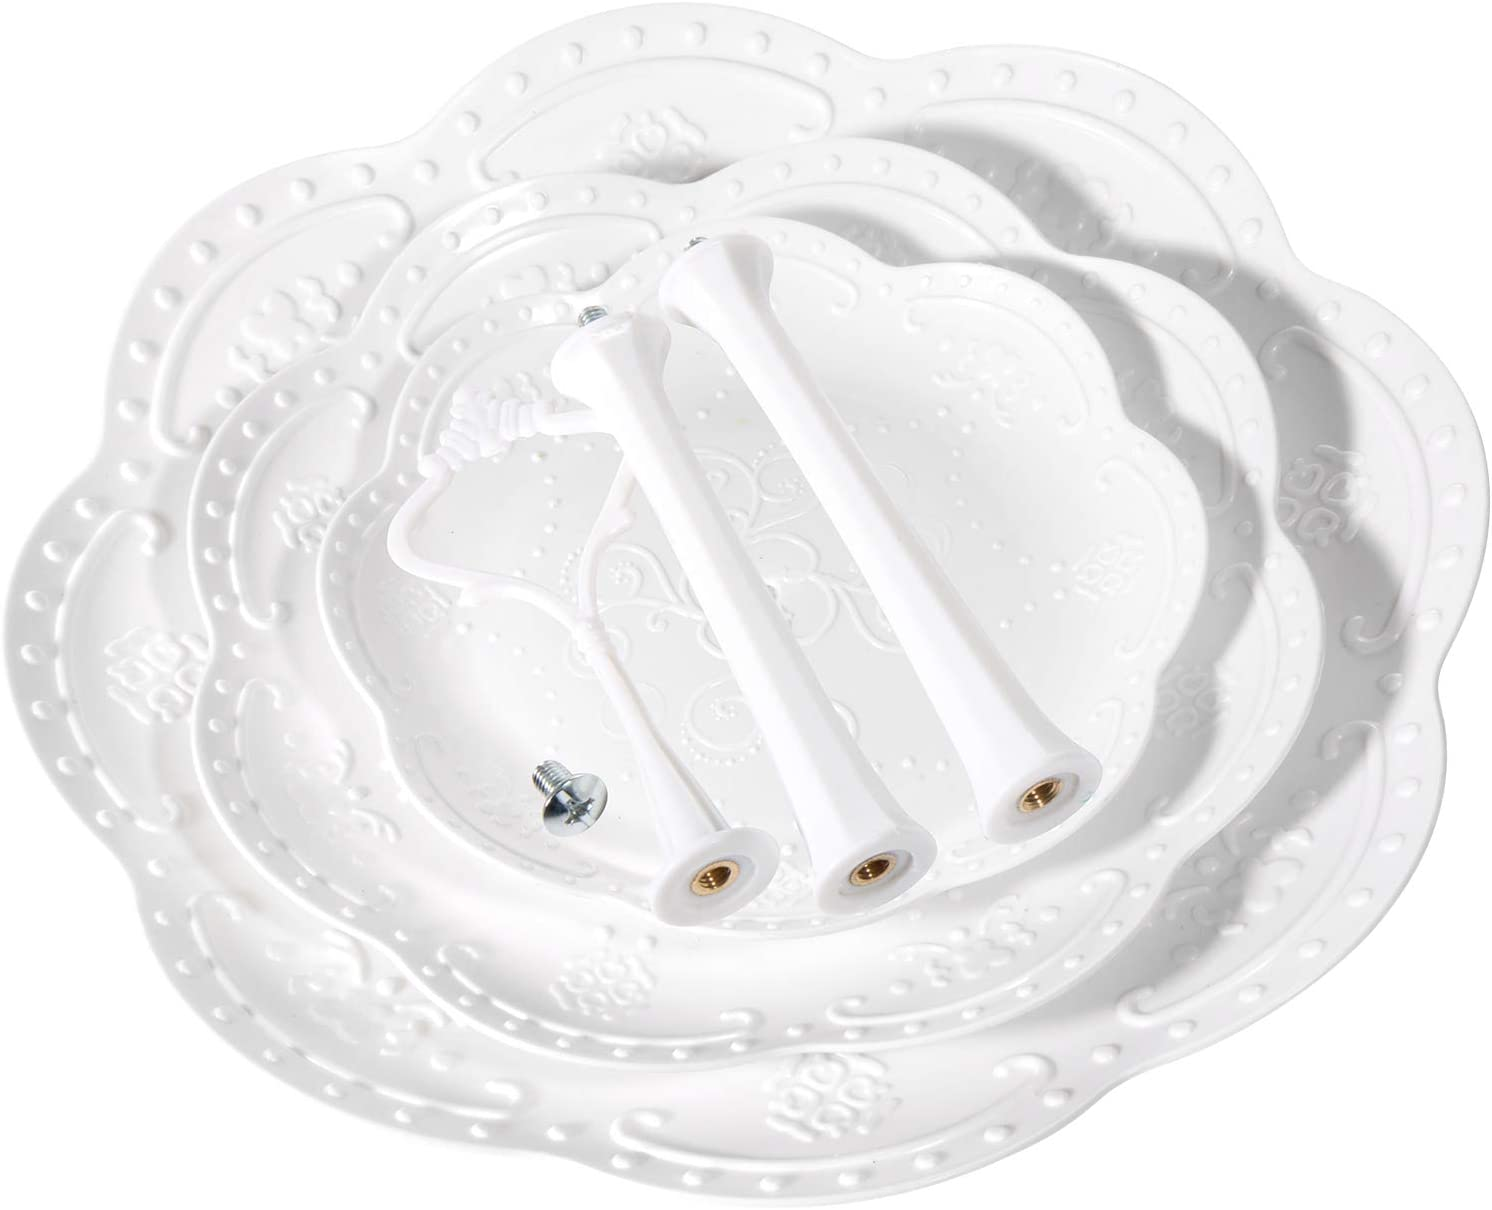 Frutta Czemo 2//3 Strati di Frutta Piastra Supporto Alzata per Dessert Muffin//Alzata in Plastica per Frutta e Dolci,White